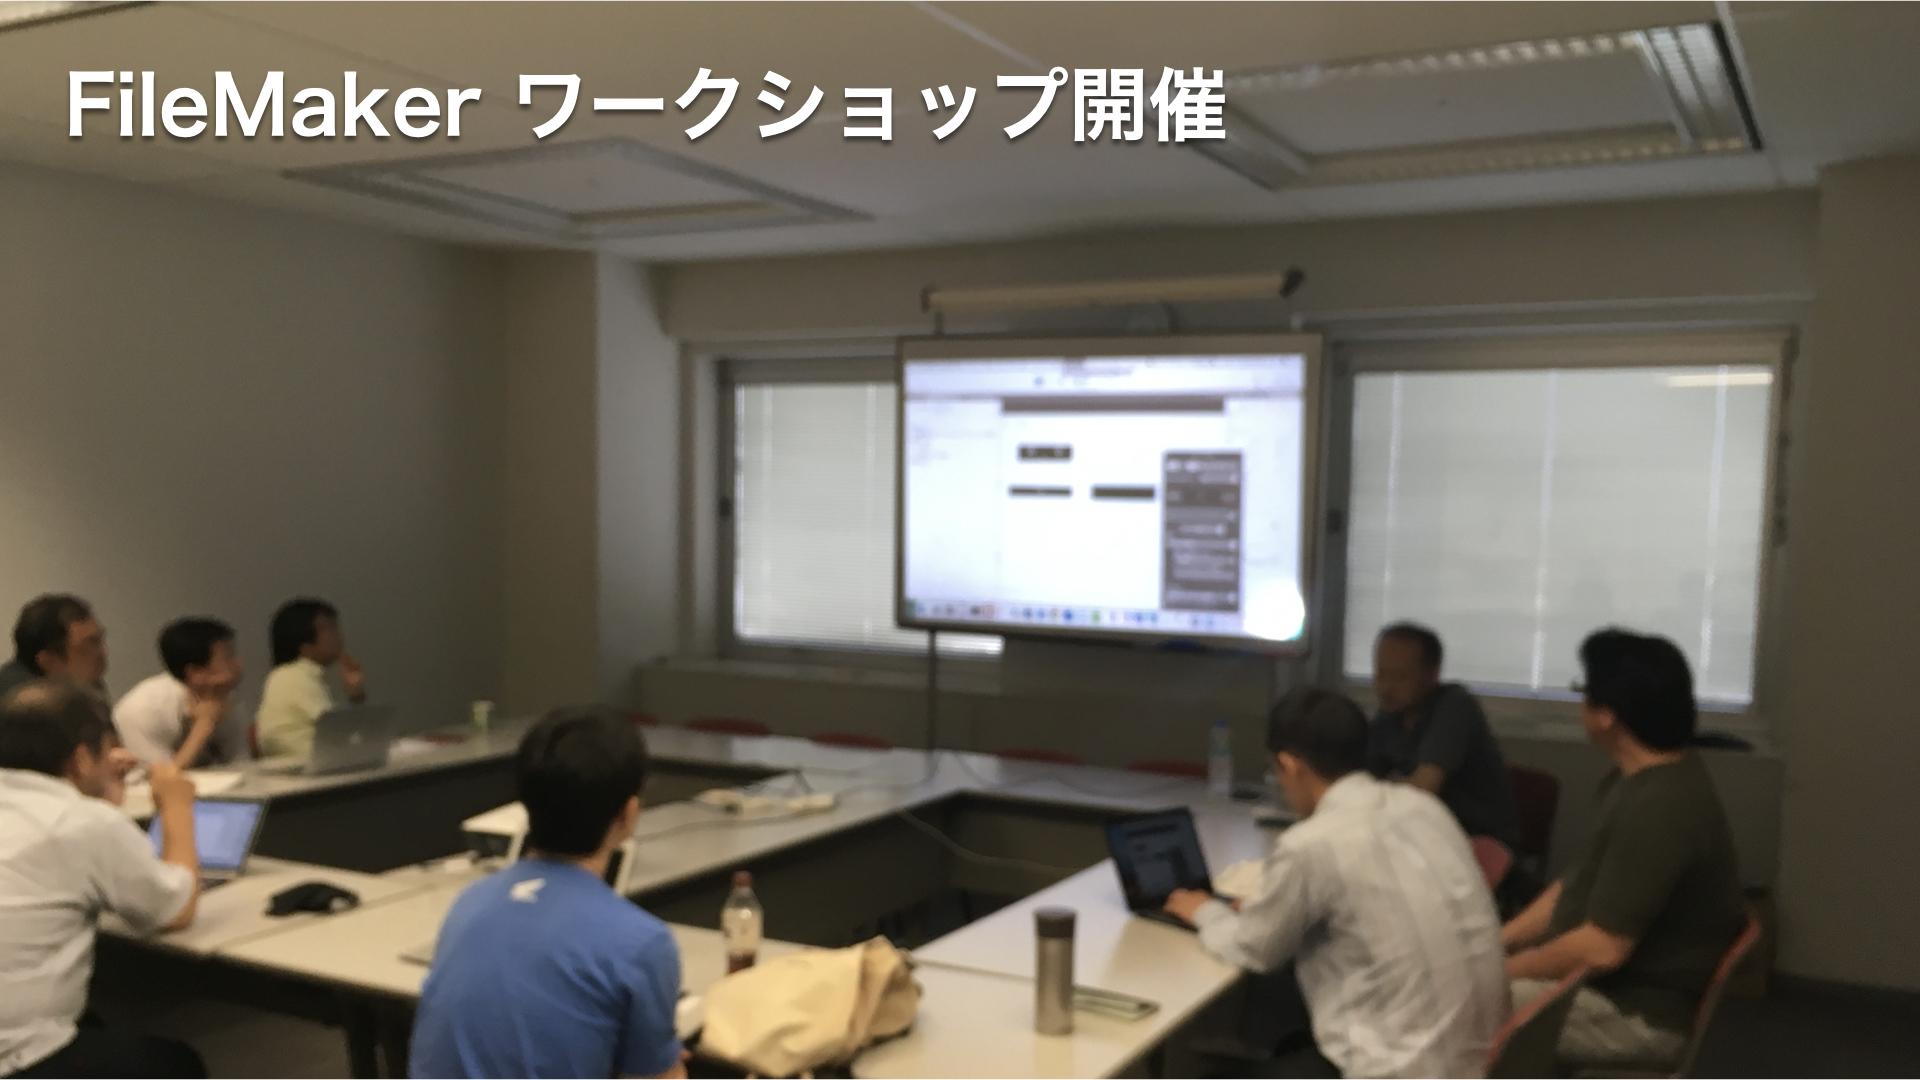 2019年 FileMakerワークショップ